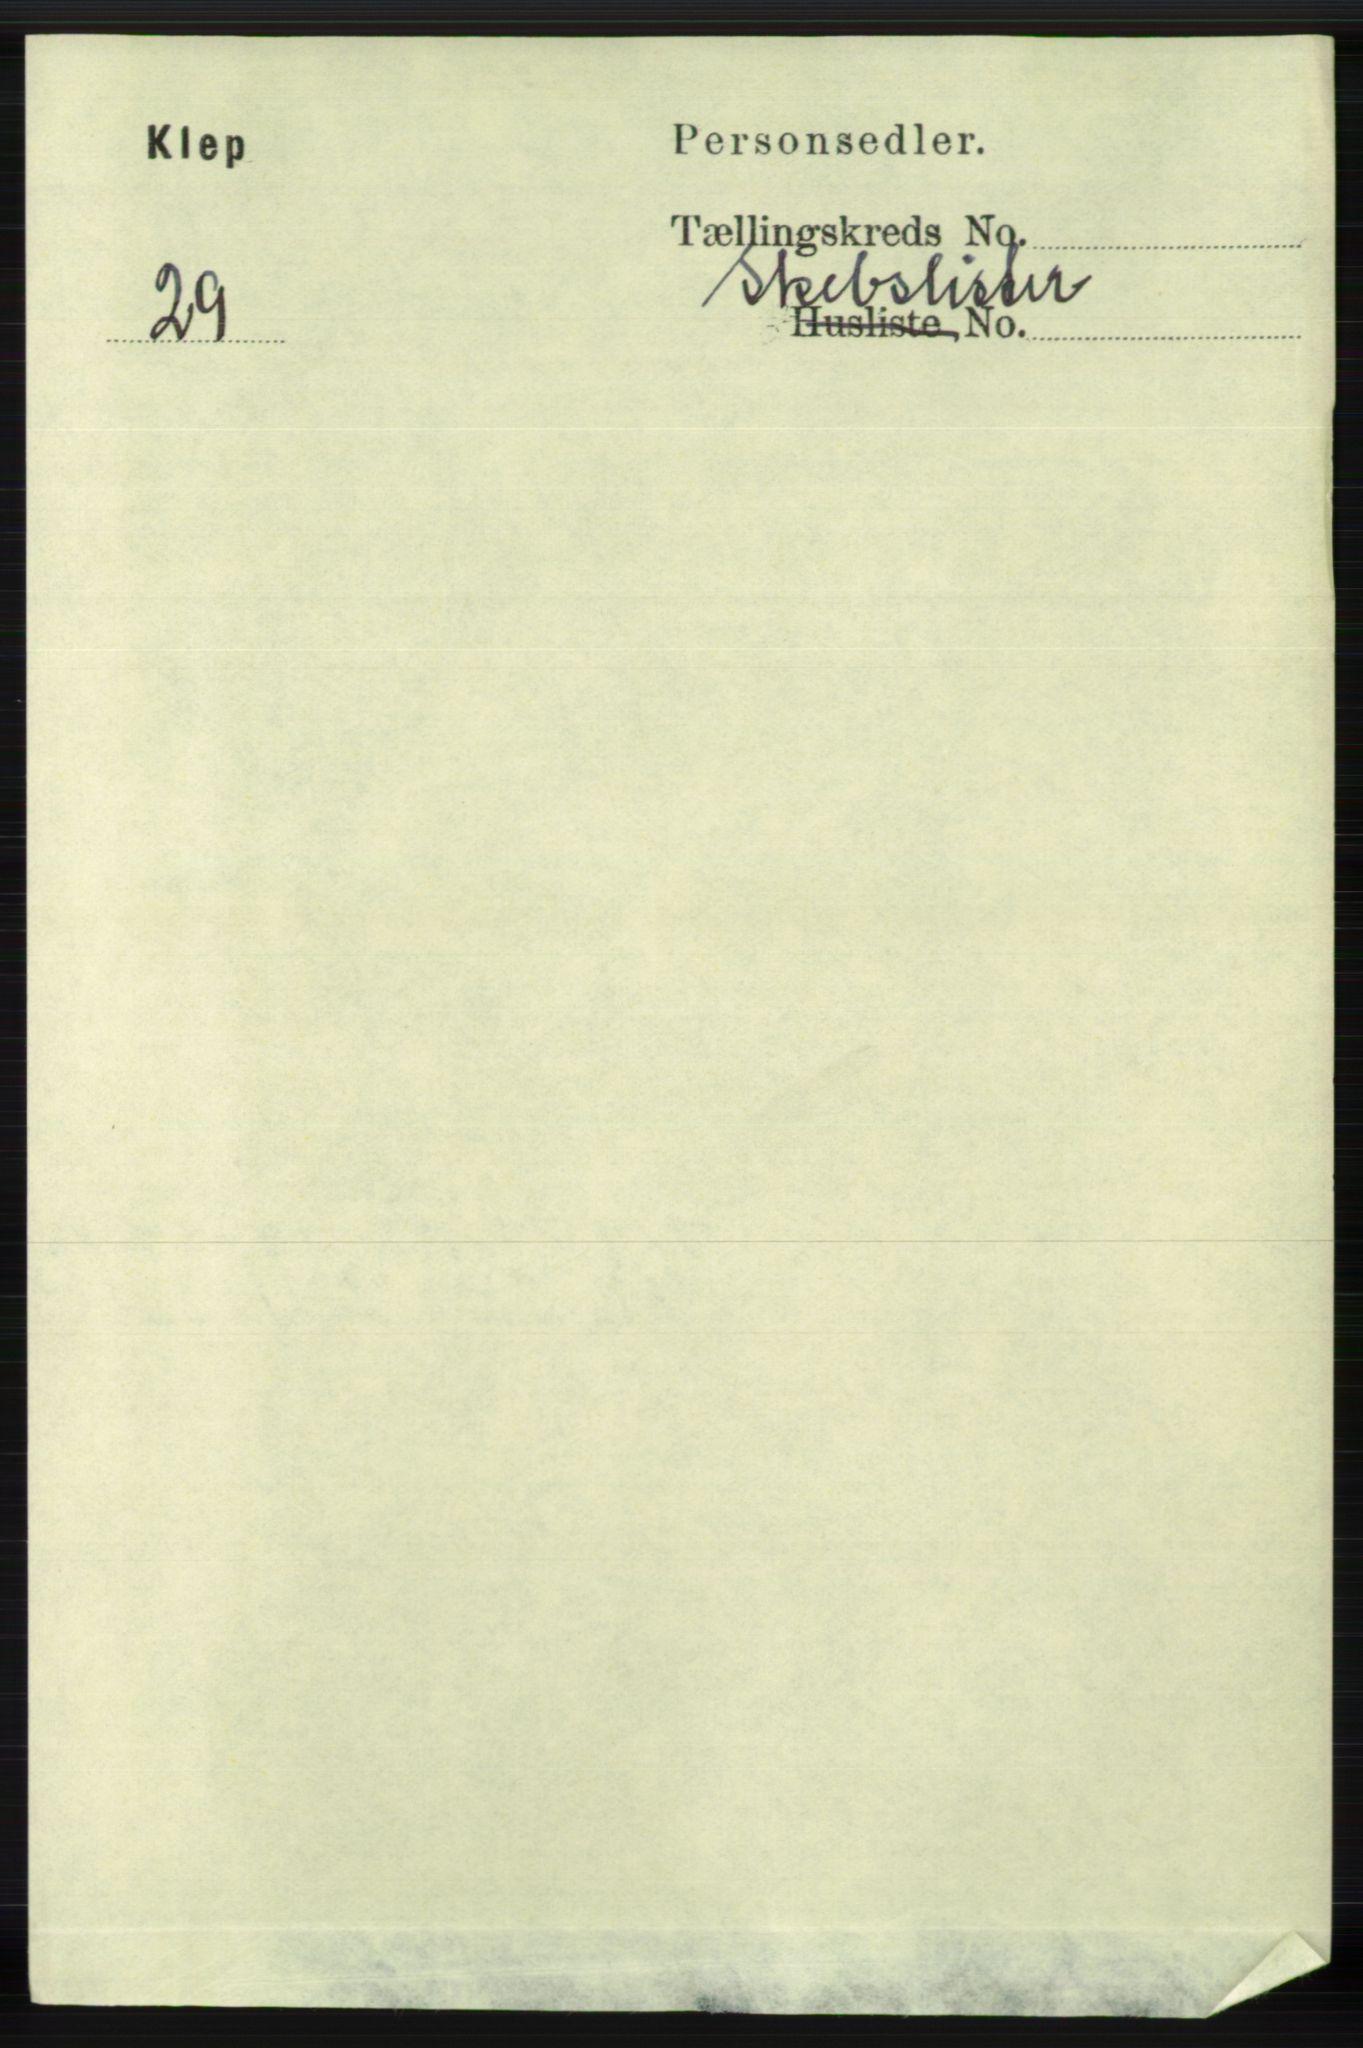 RA, Folketelling 1891 for 1120 Klepp herred, 1891, s. 3051